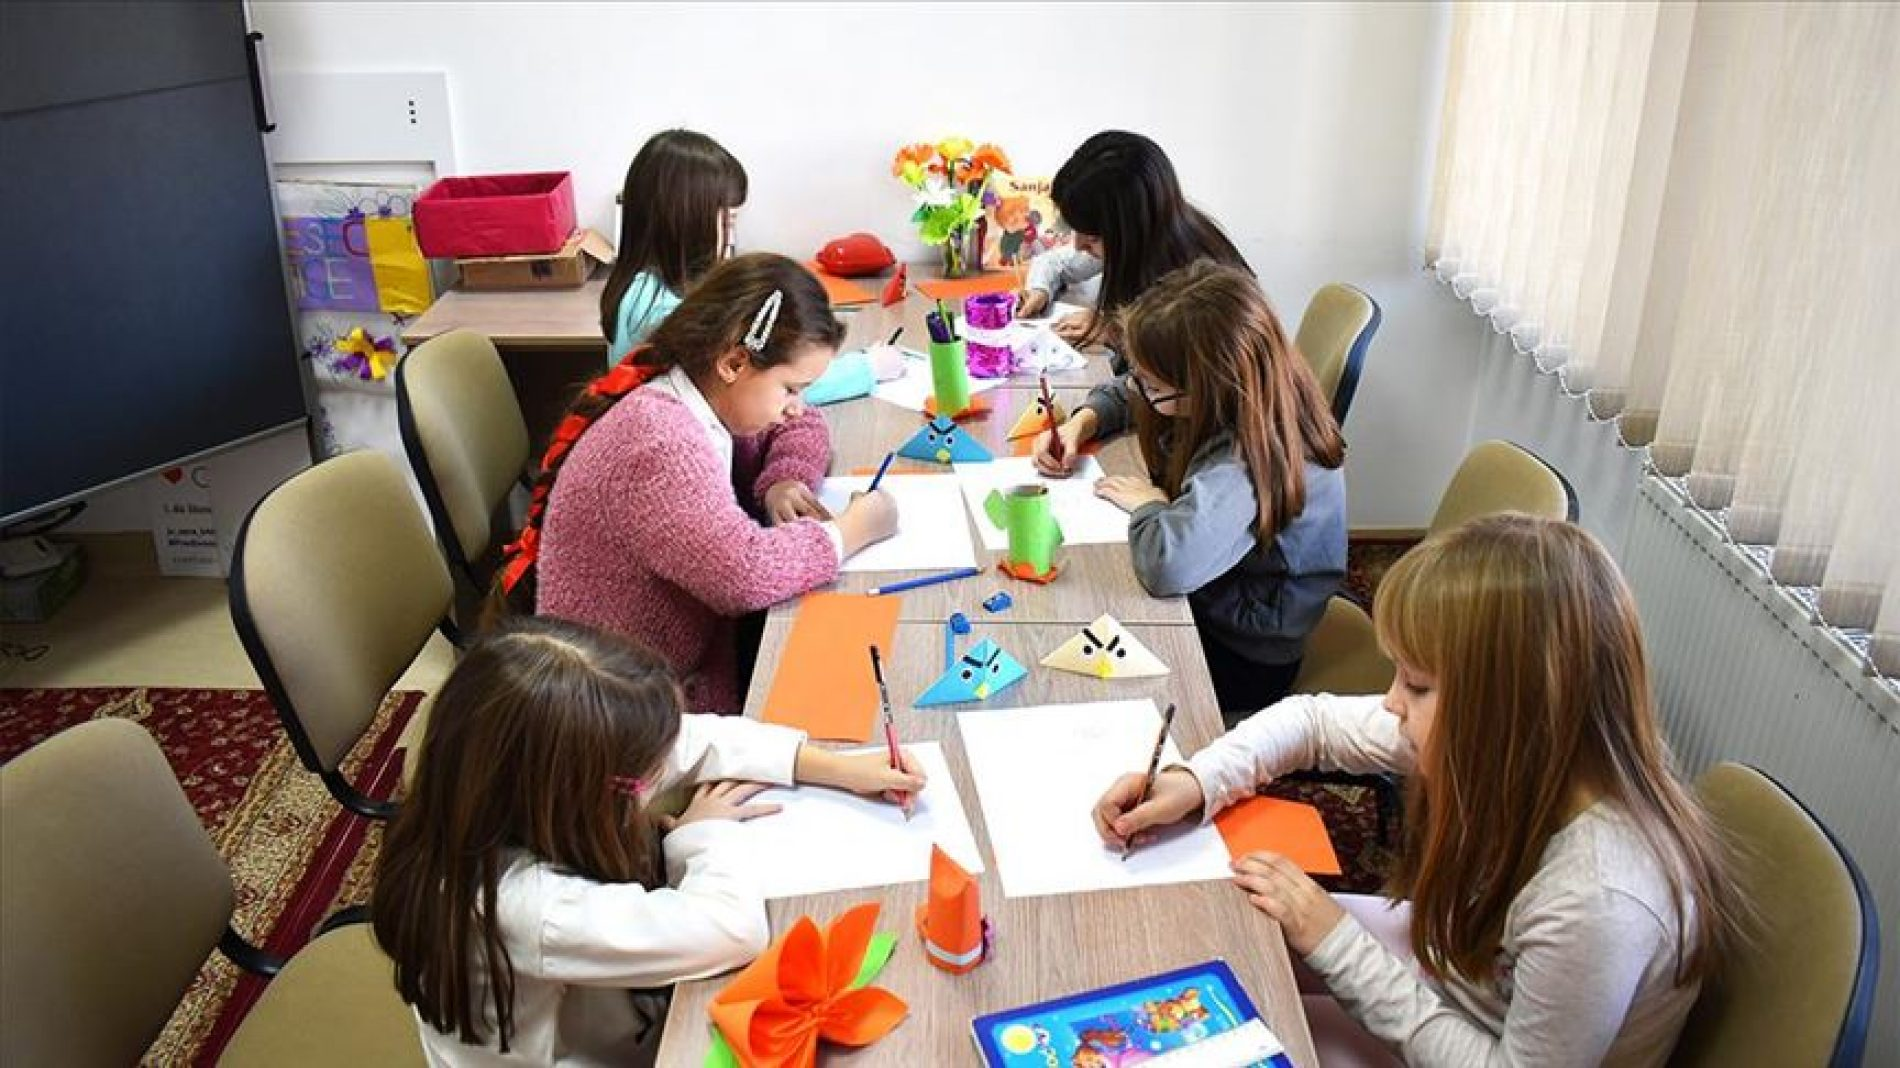 Tešanjska biblioteka prva u Bosni i Hercegovini uvela besplatnu članarinu